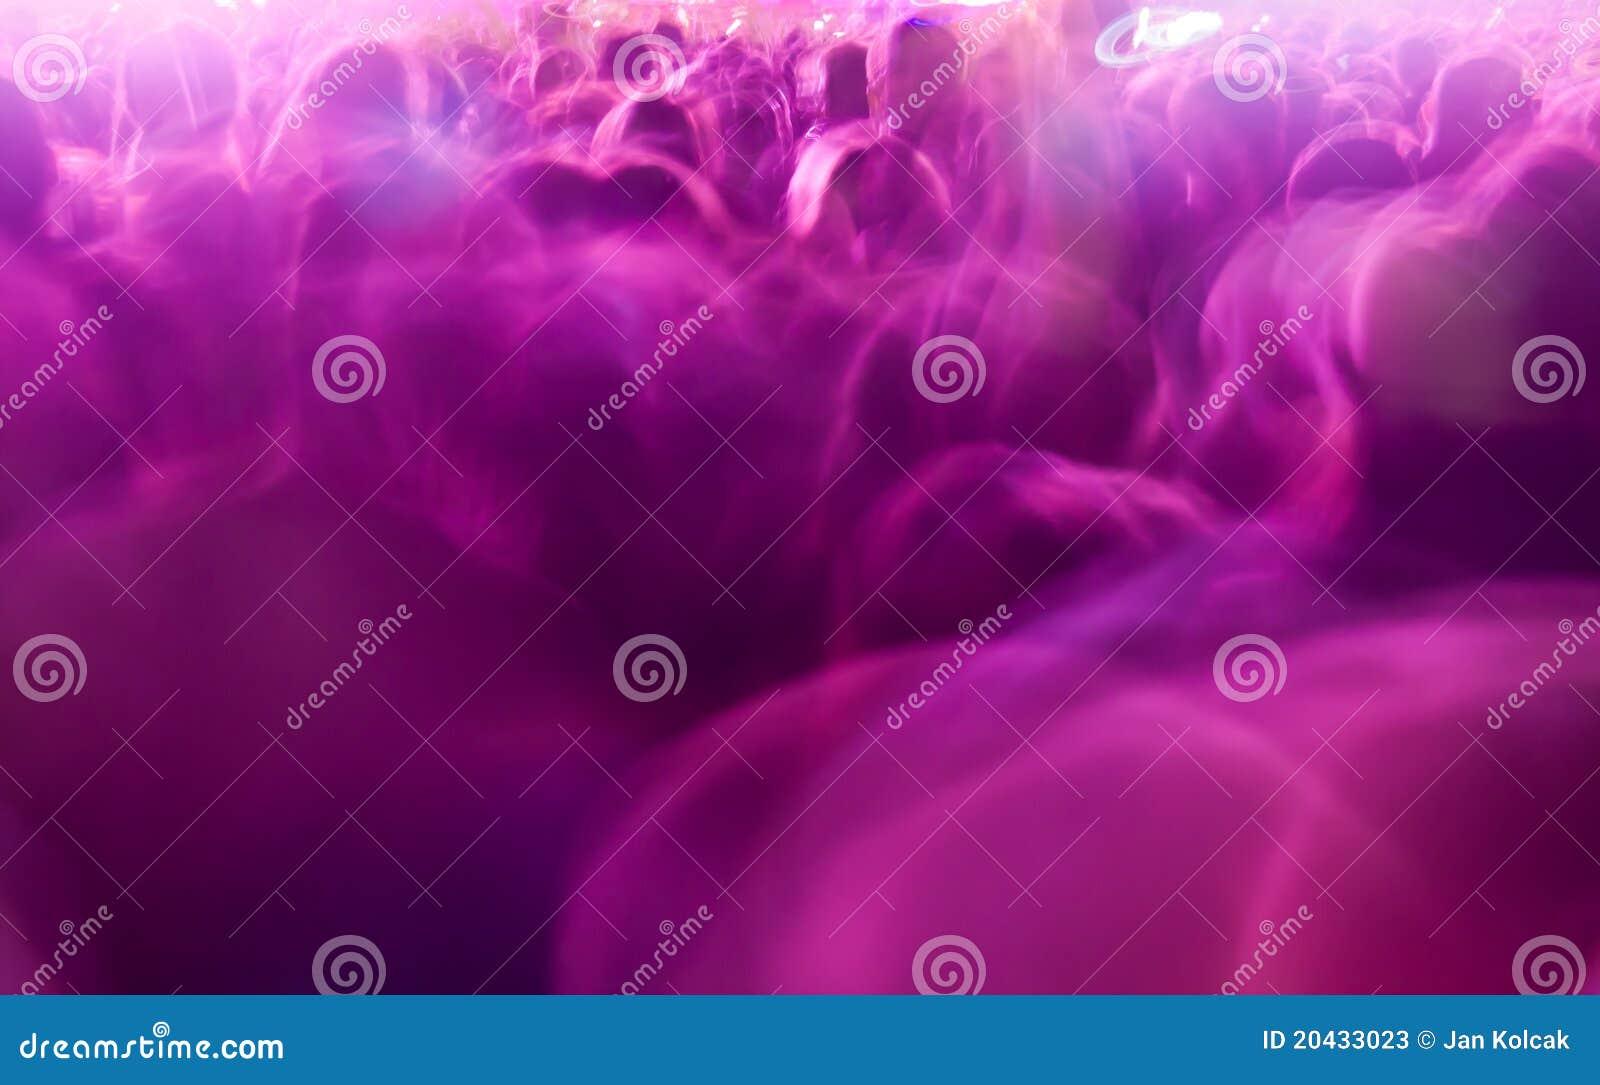 Tłum w plamie